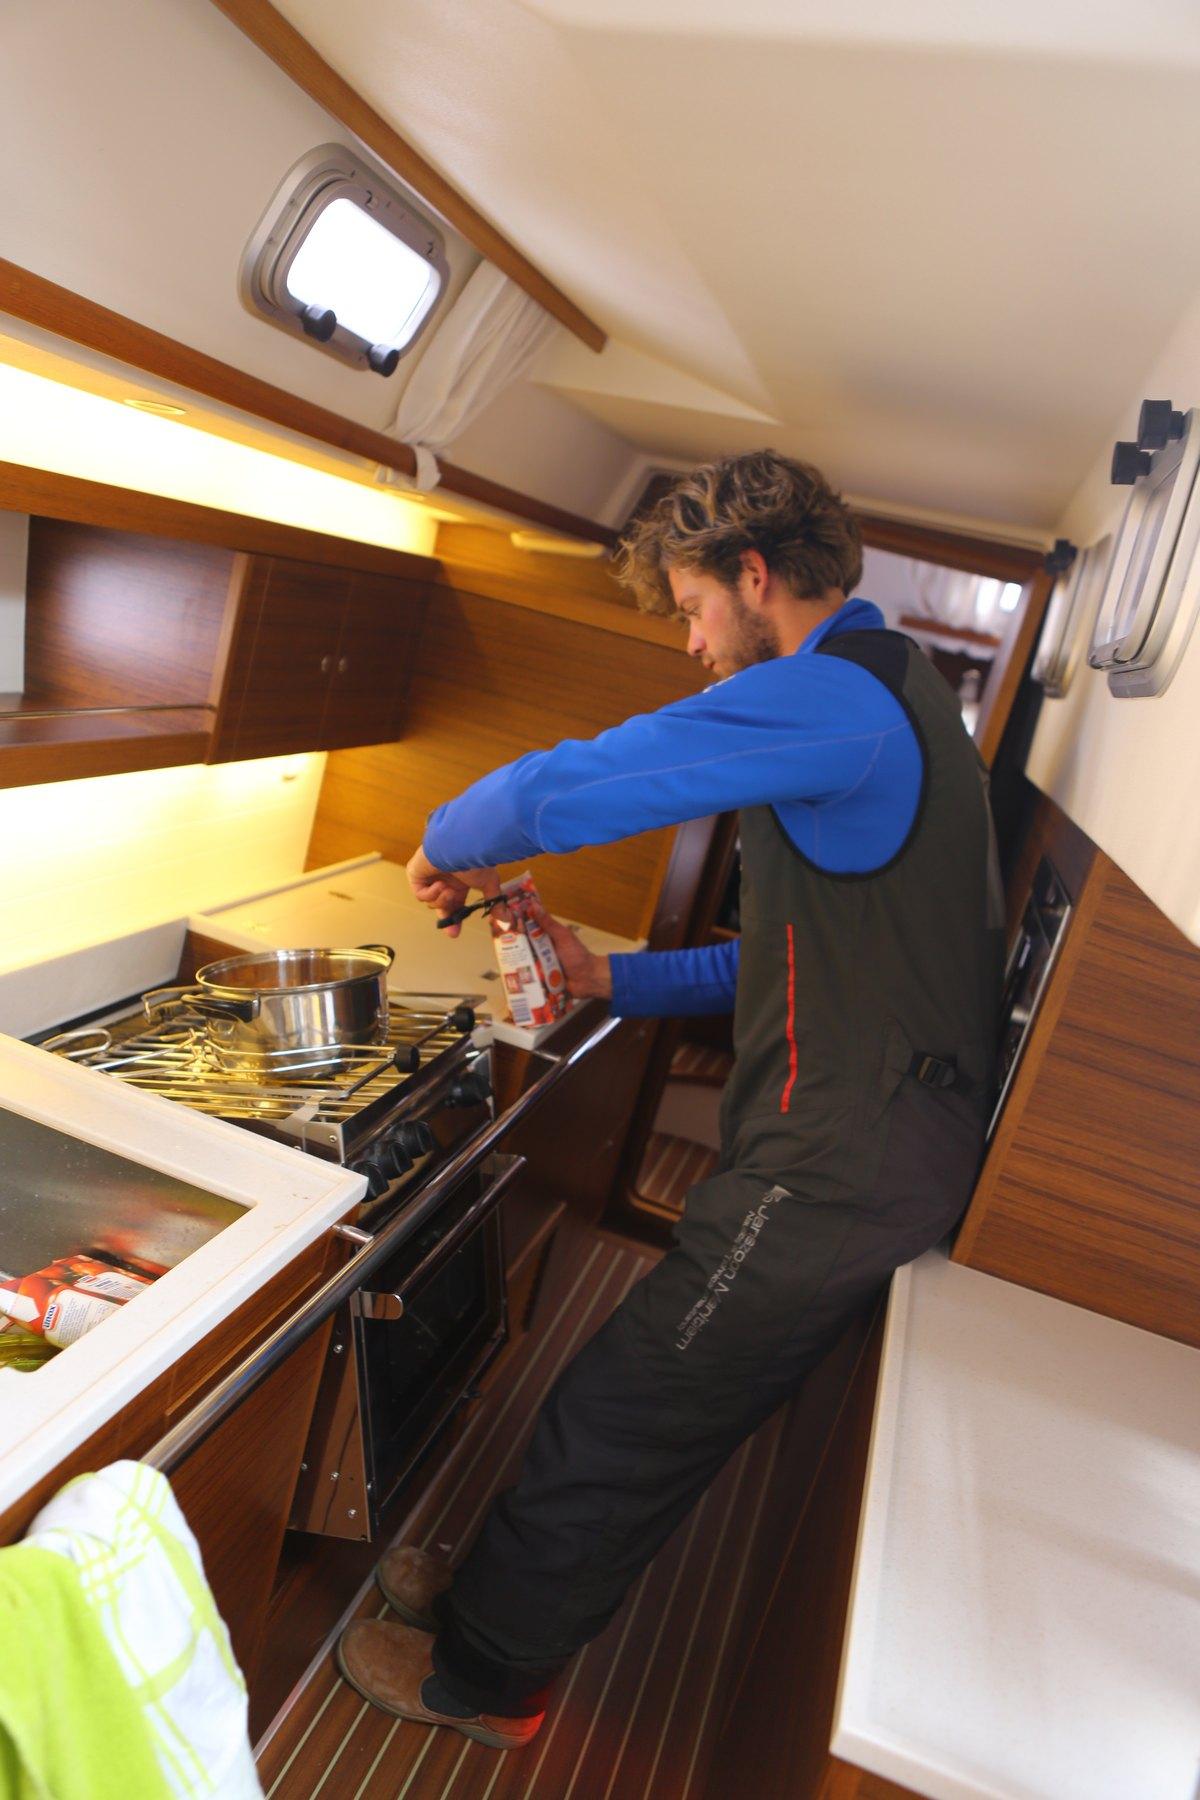 Vergleich Motorboot Segelboot Onboard C-Yacht 2015 IJmuiden Ngu8C8A0309